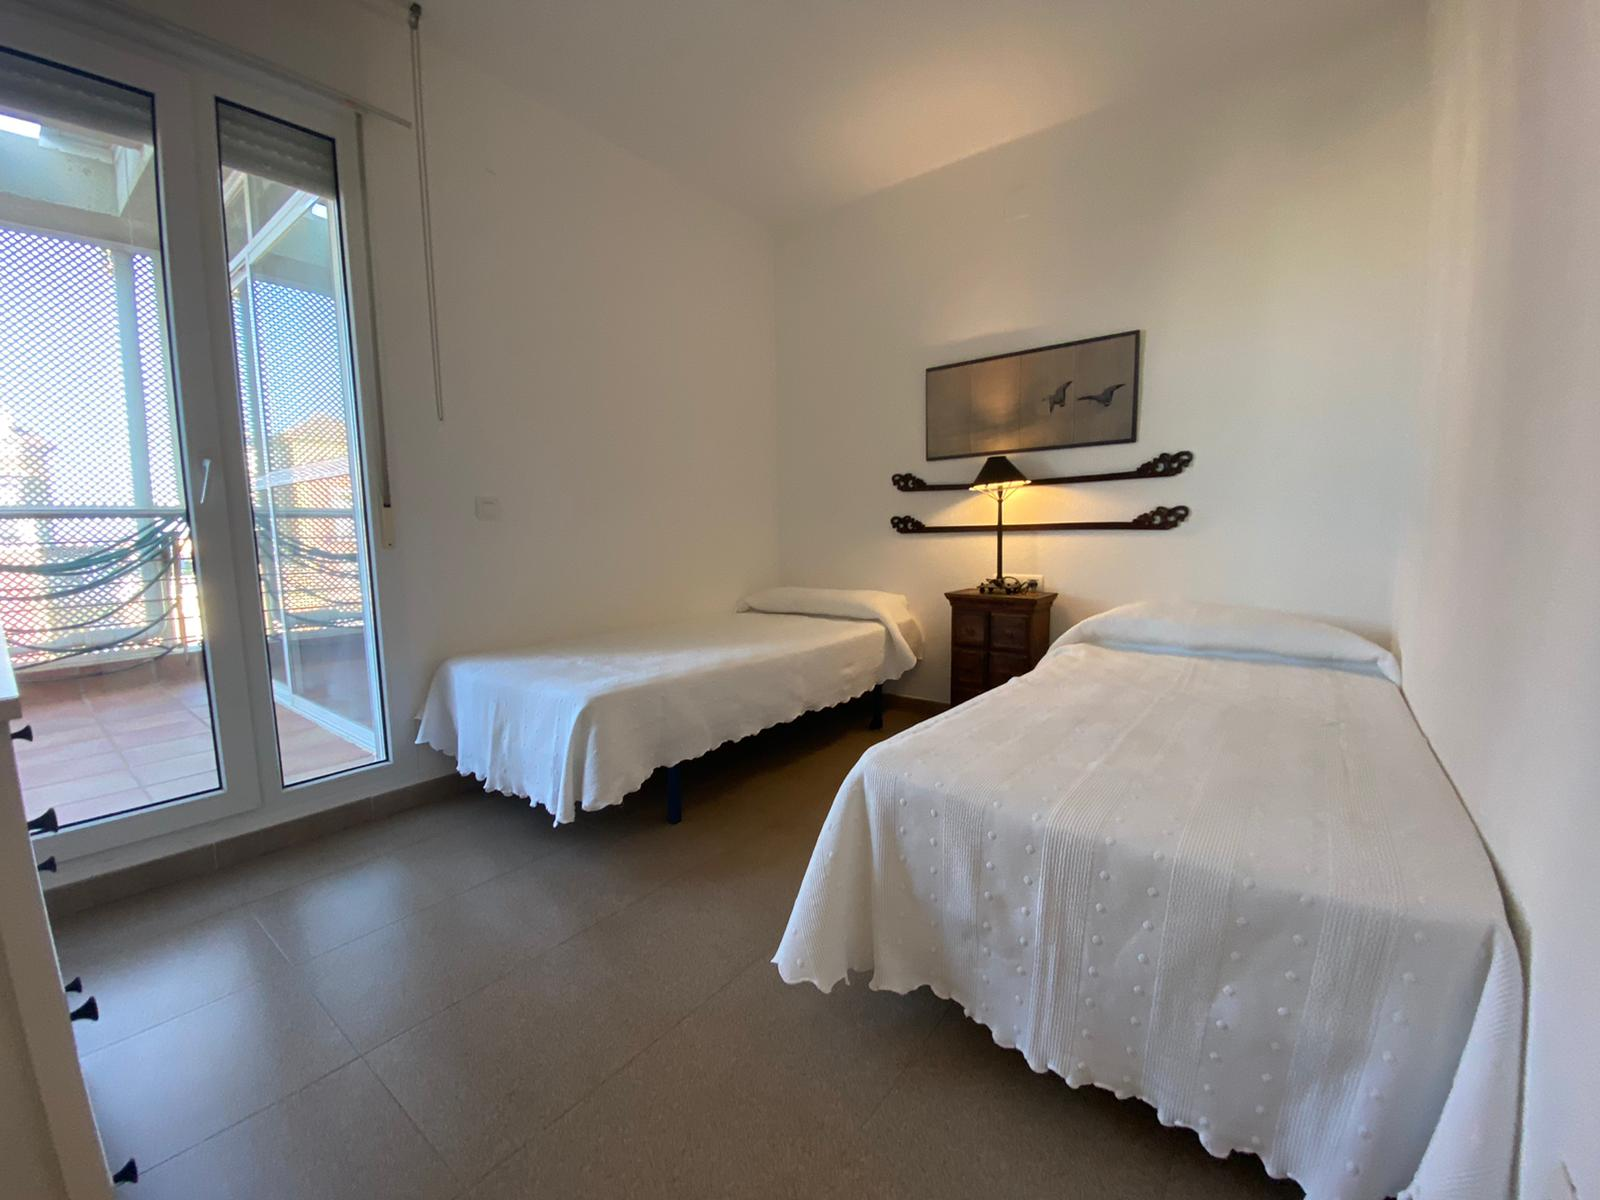 Imagen 29 del Apartamento Turístico, Ático 4 Levante, Frontal (4d+2b), Punta del Moral (HUELVA), Paseo de la Cruz nº22